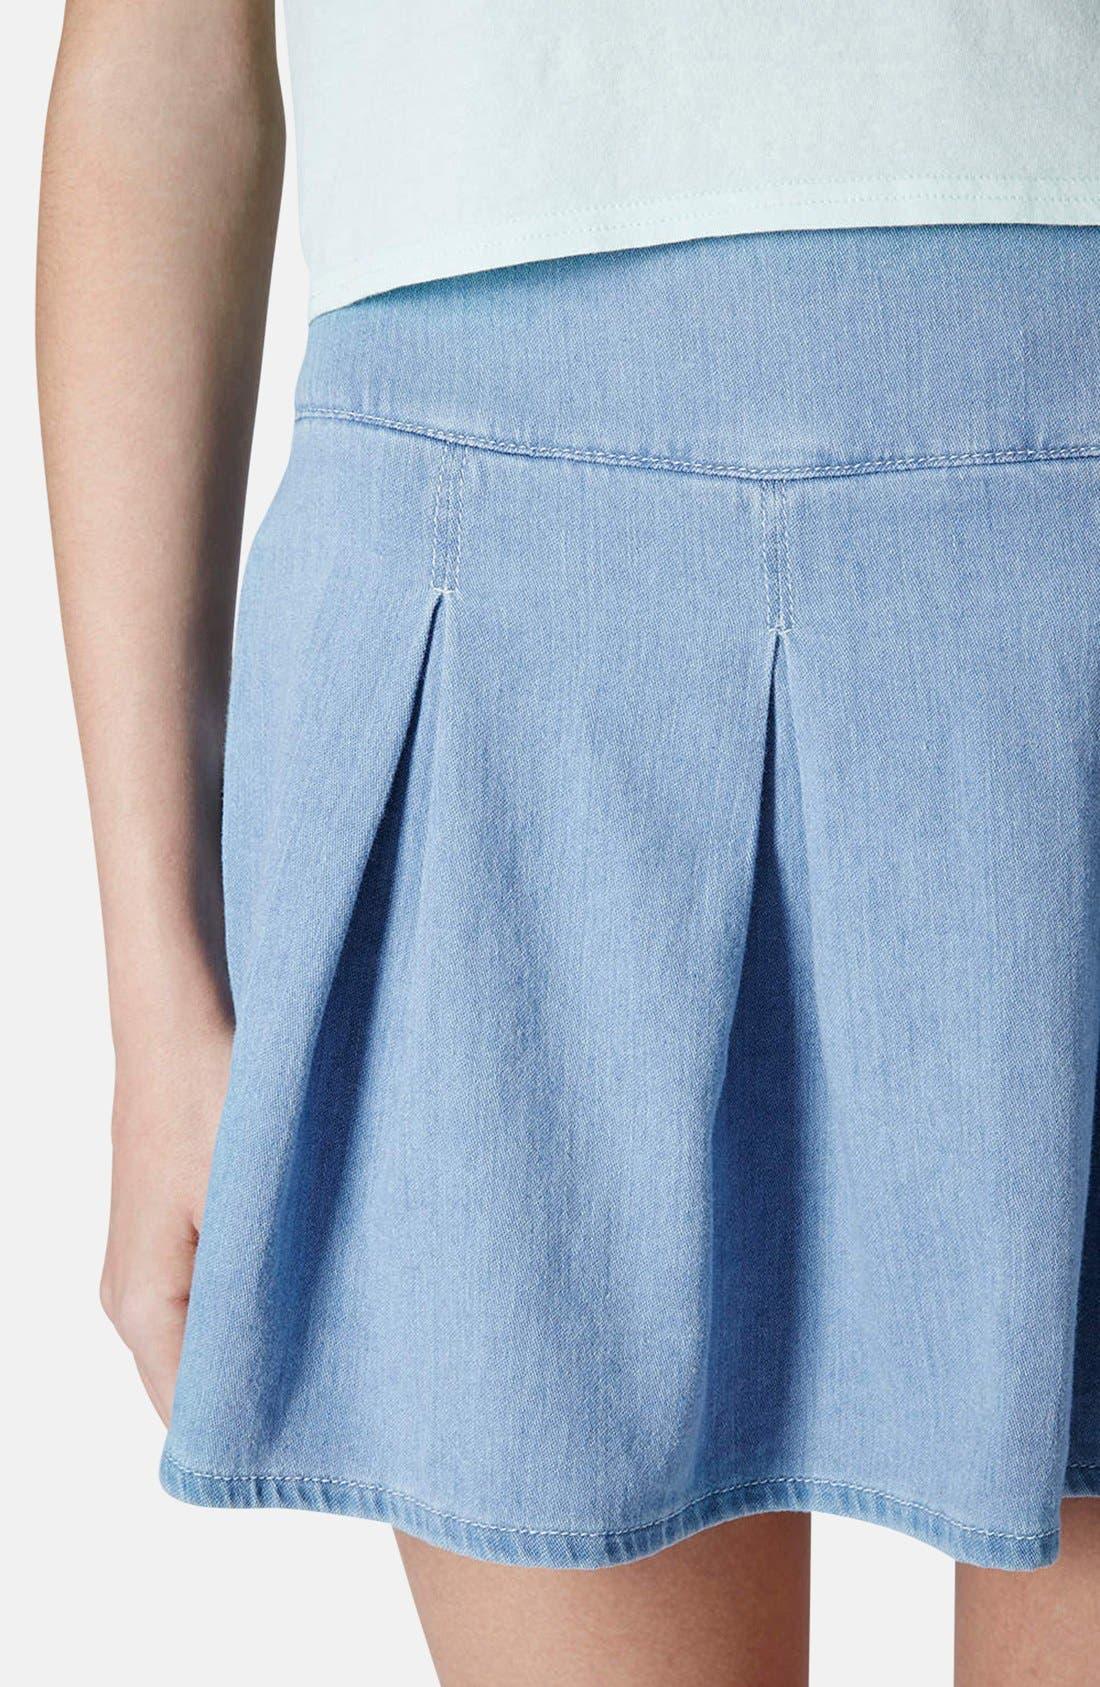 Moto Pleat Denim Skirt,                             Alternate thumbnail 4, color,                             Blue